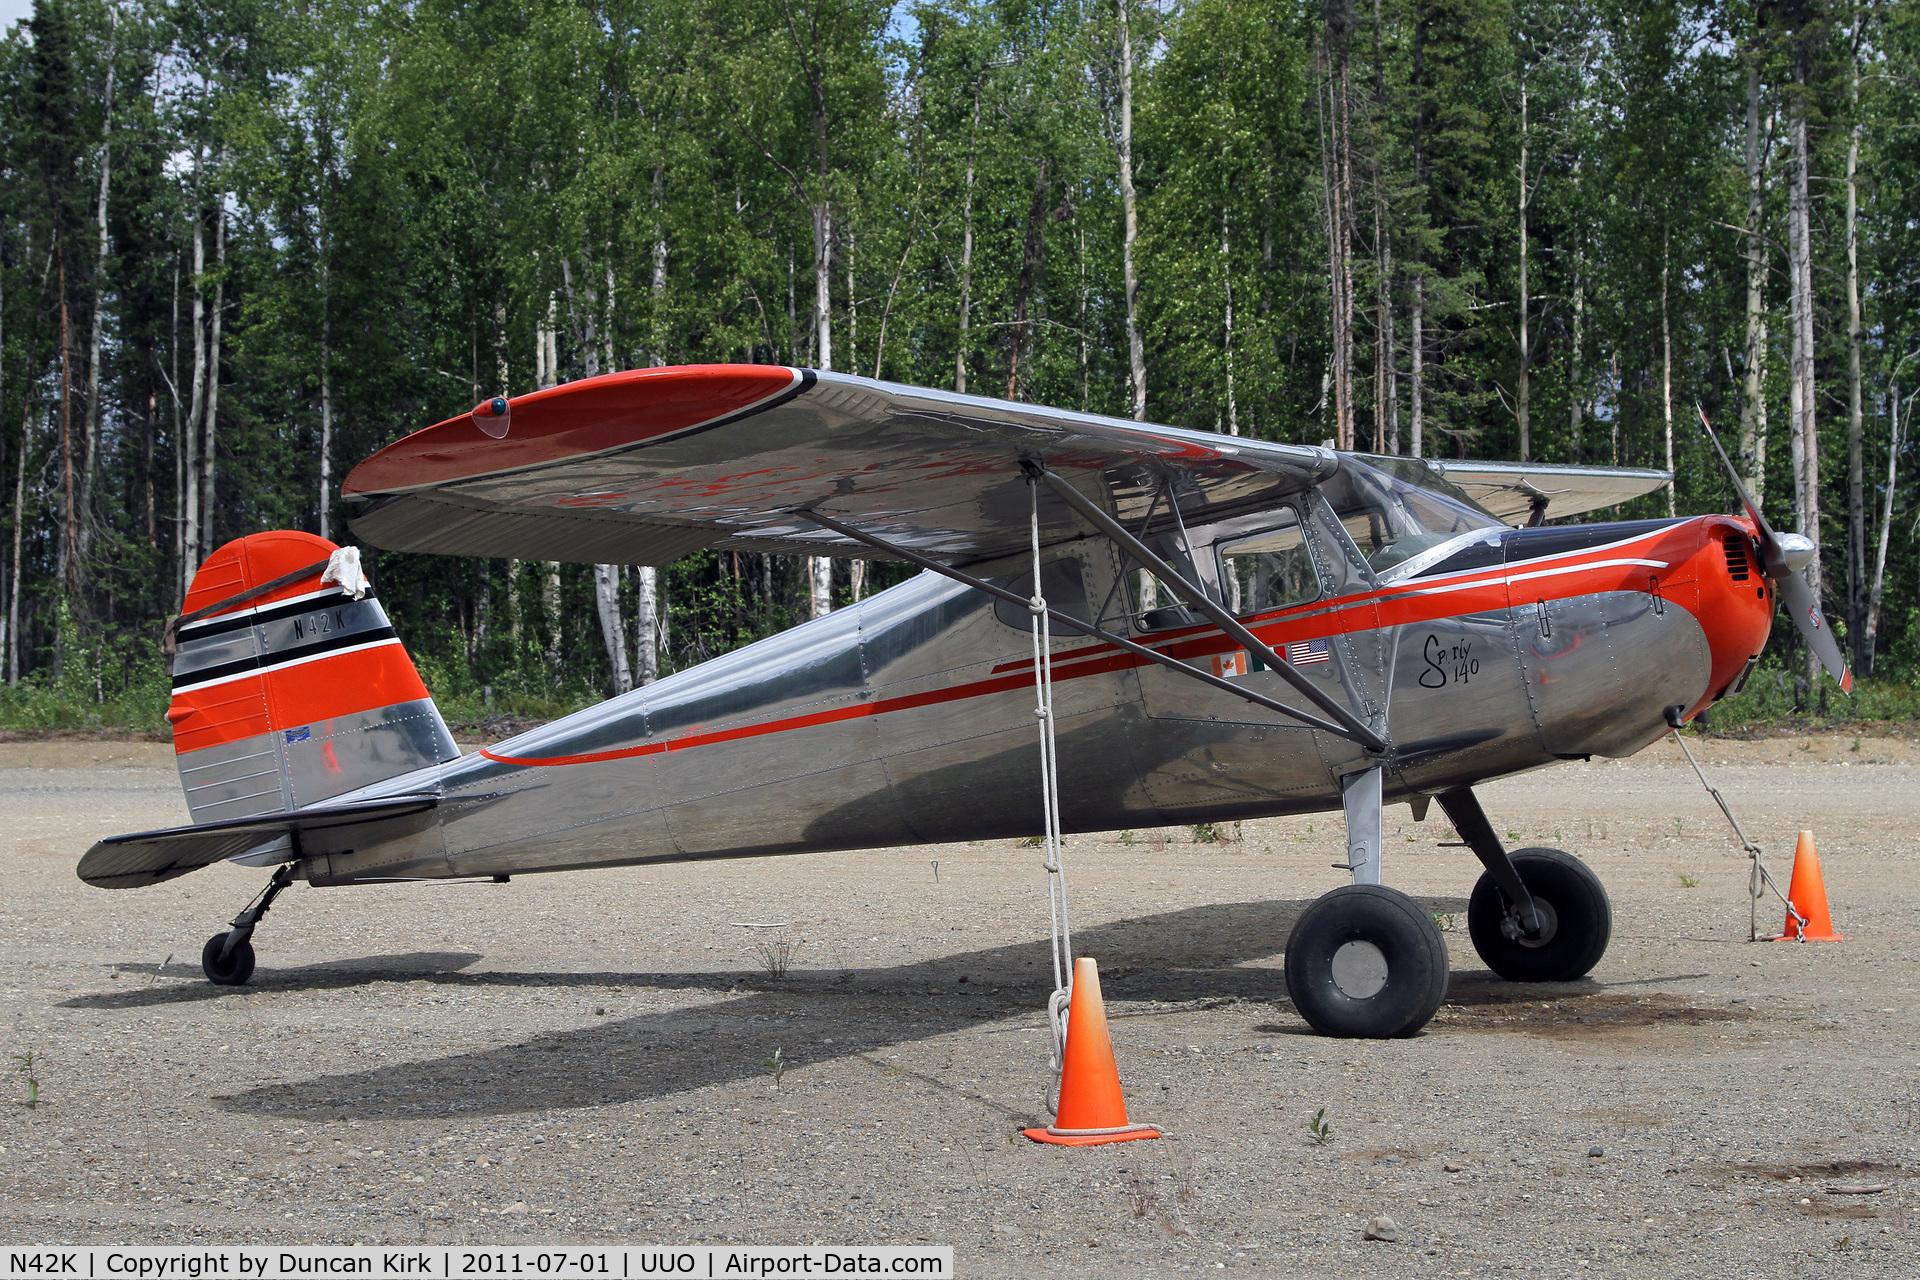 N42K, 1947 Cessna 140 C/N 12223, Polished Cessna 140